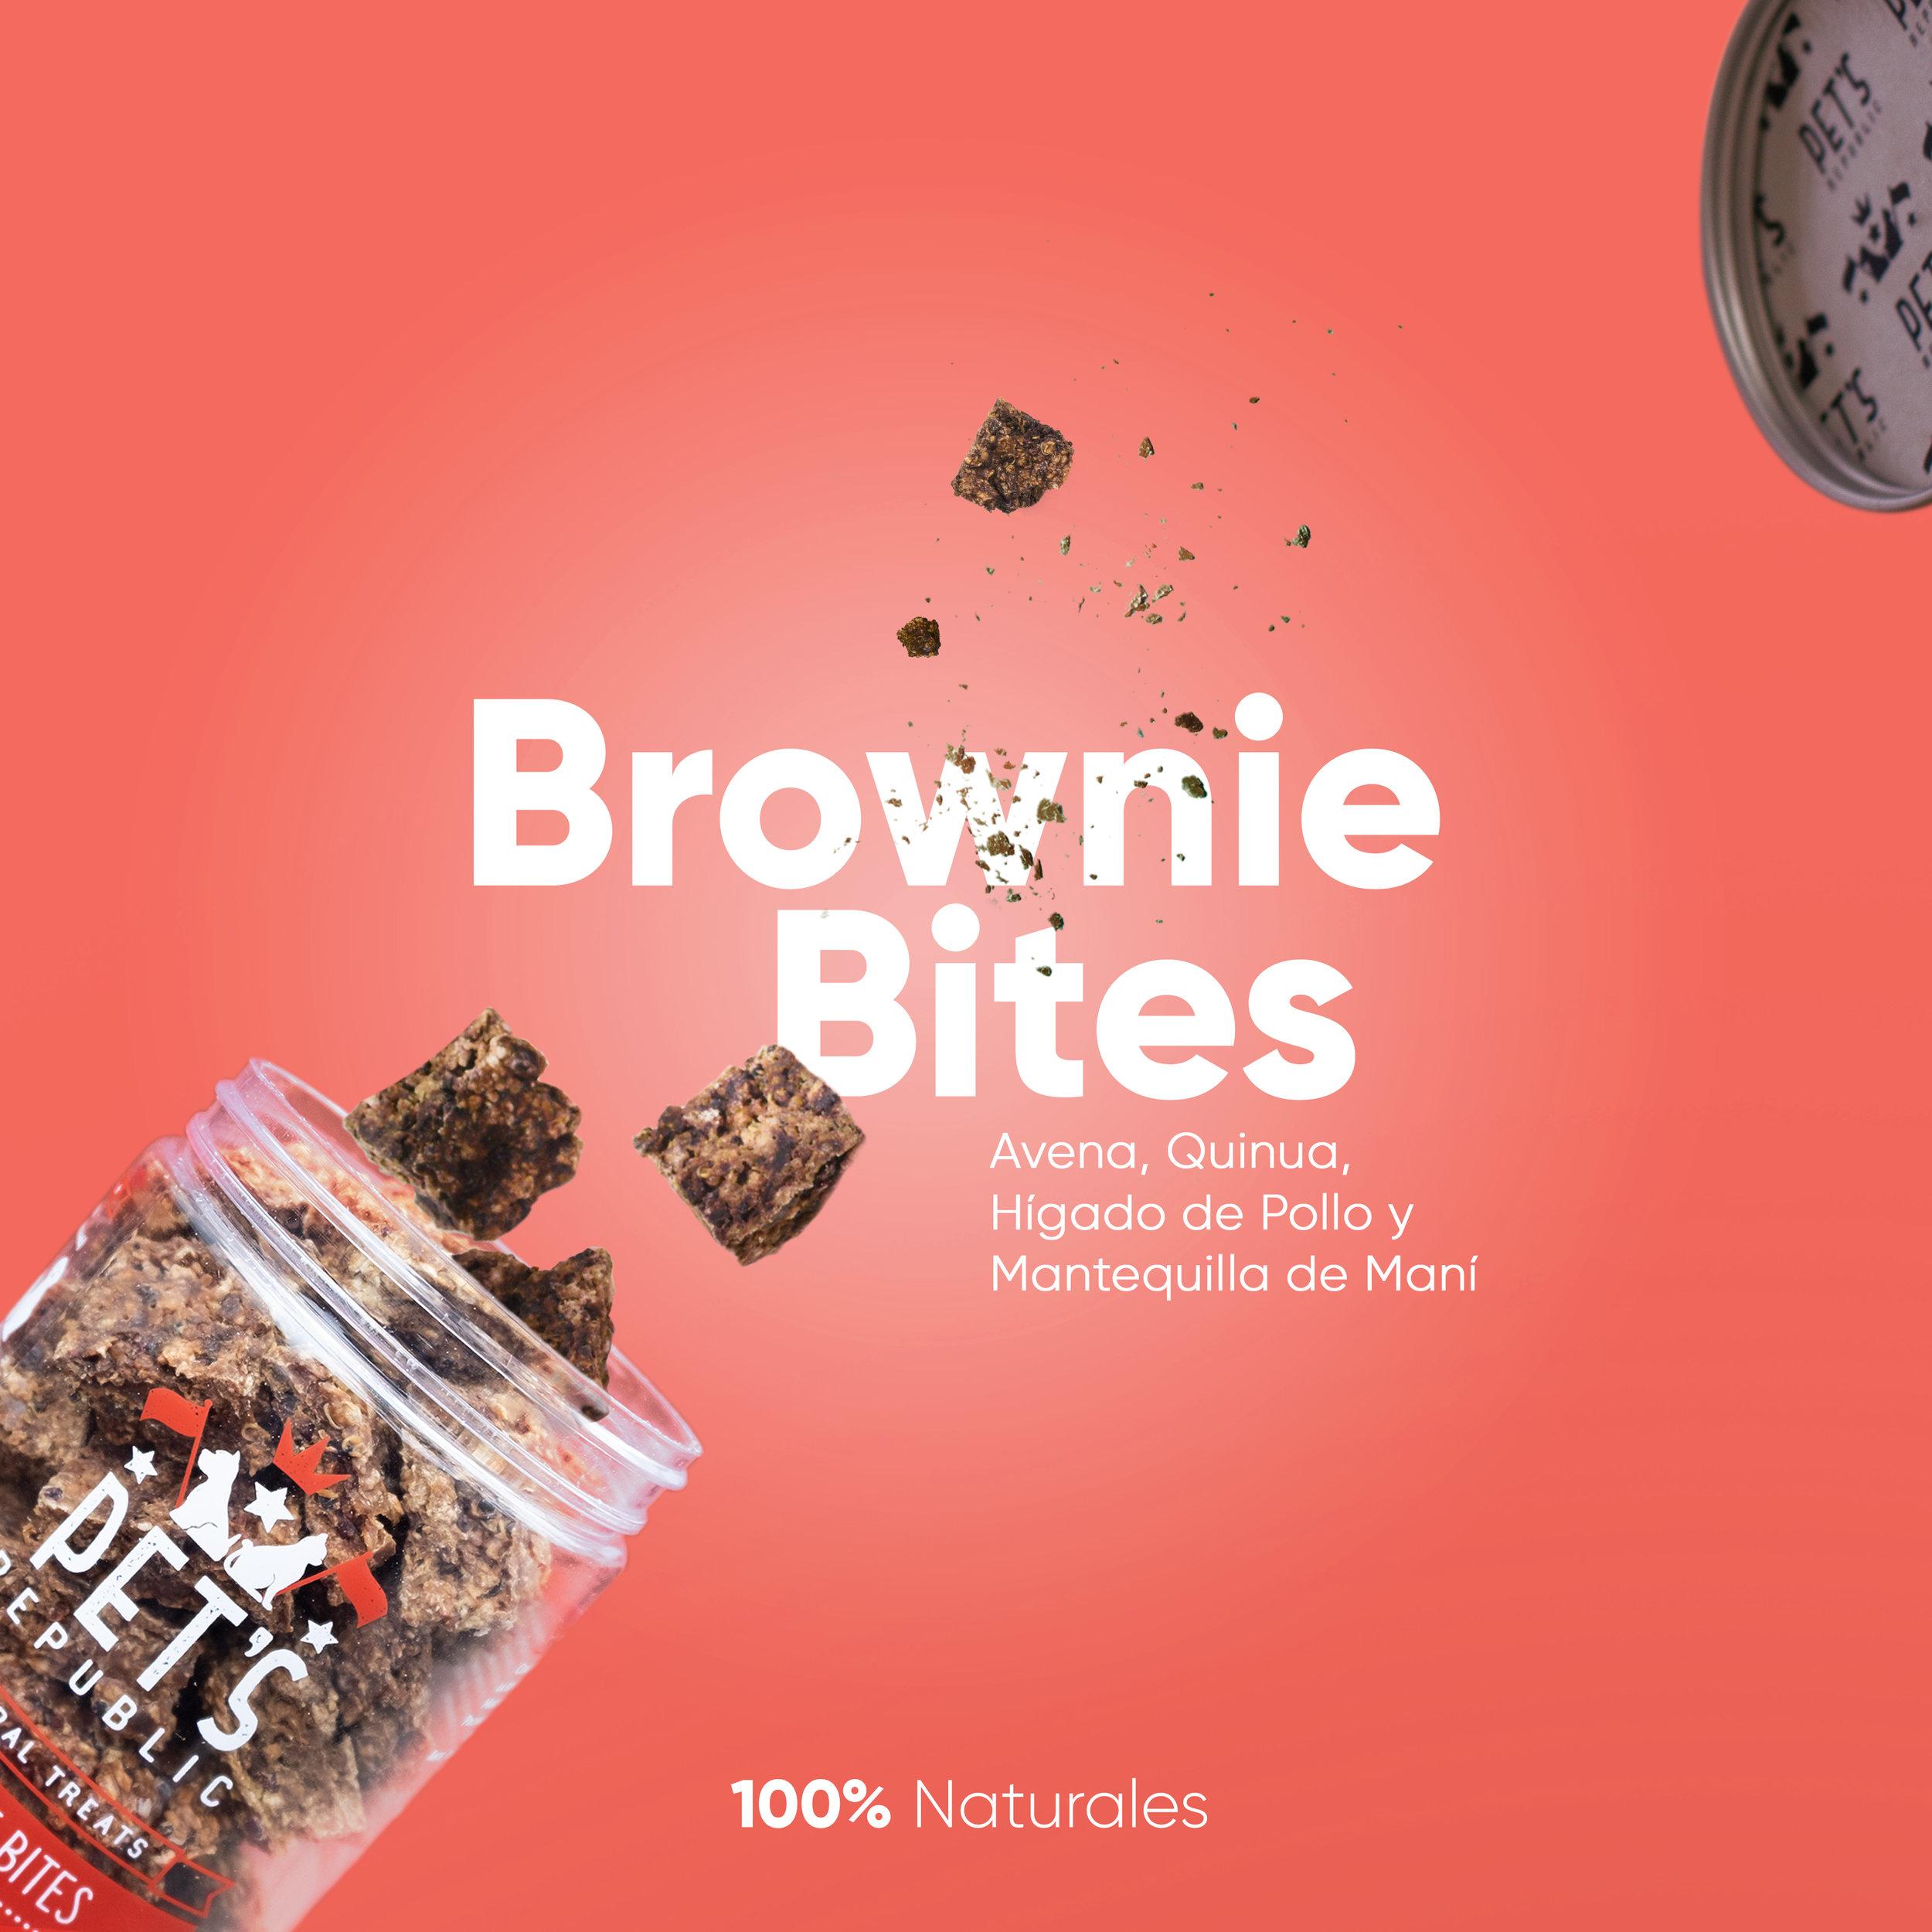 brownie bites instagram.jpg